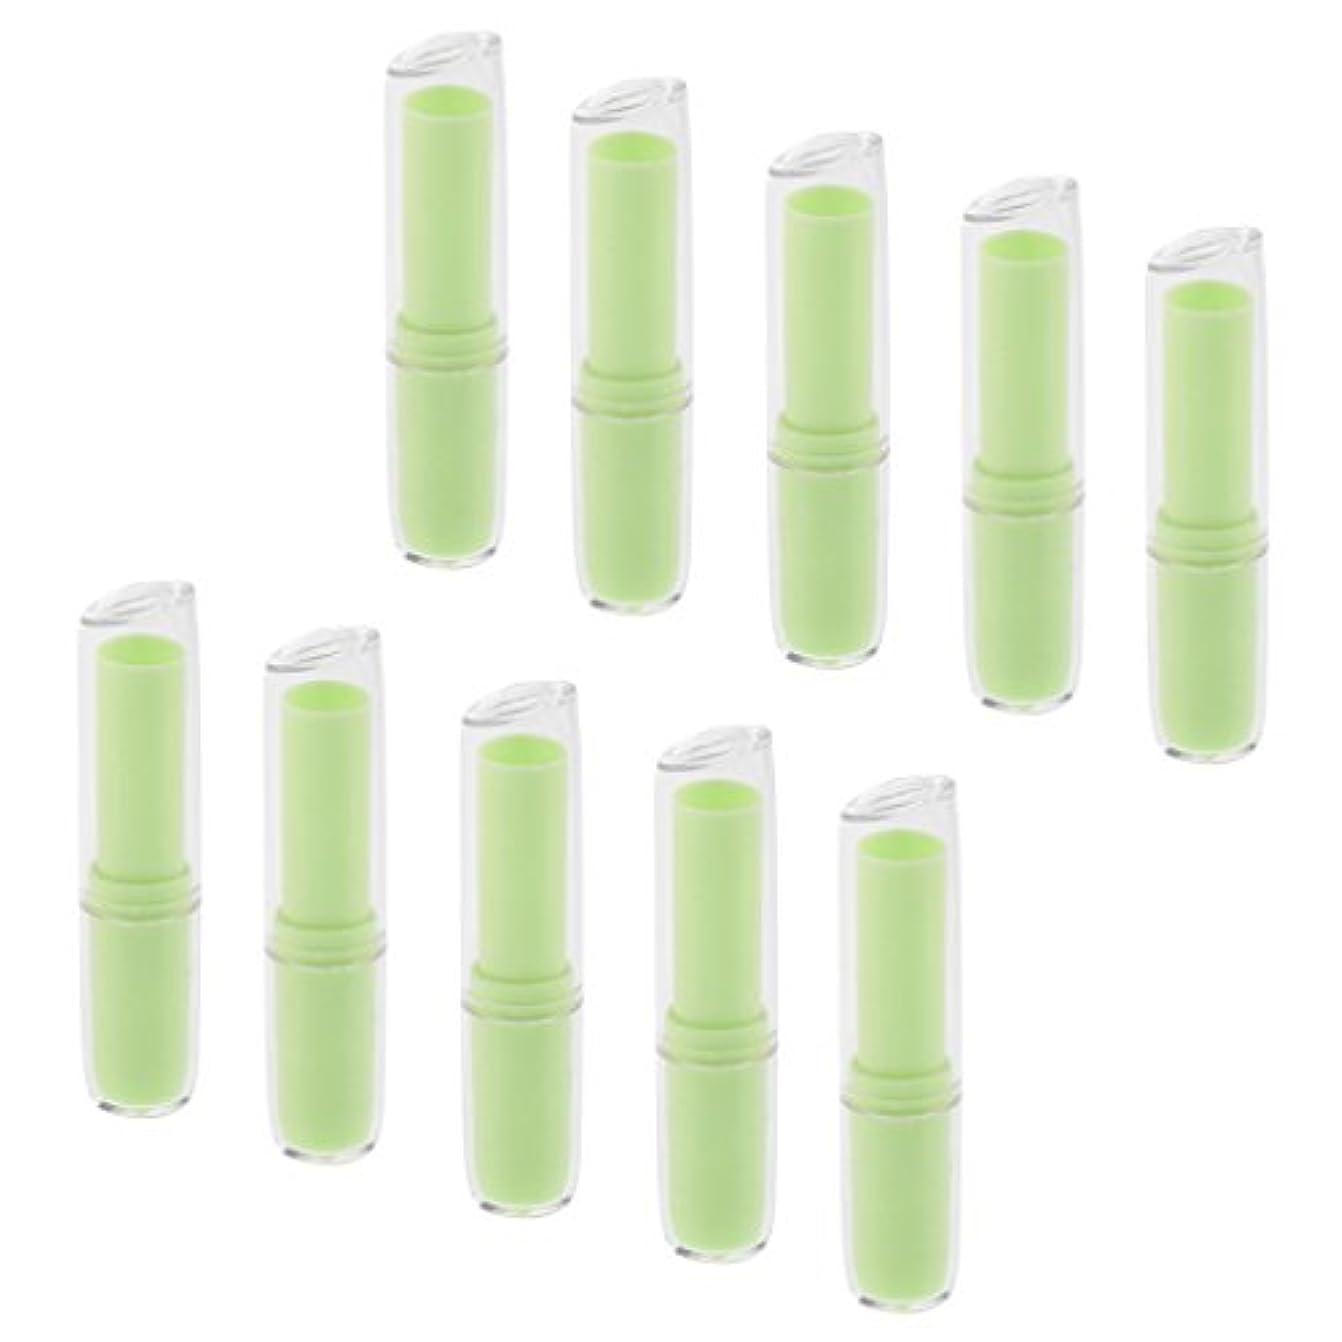 見かけ上クラッシュ名前で10個の空の口紅チューブリップクリーム容器DIY化粧品メイクアップツール - 緑